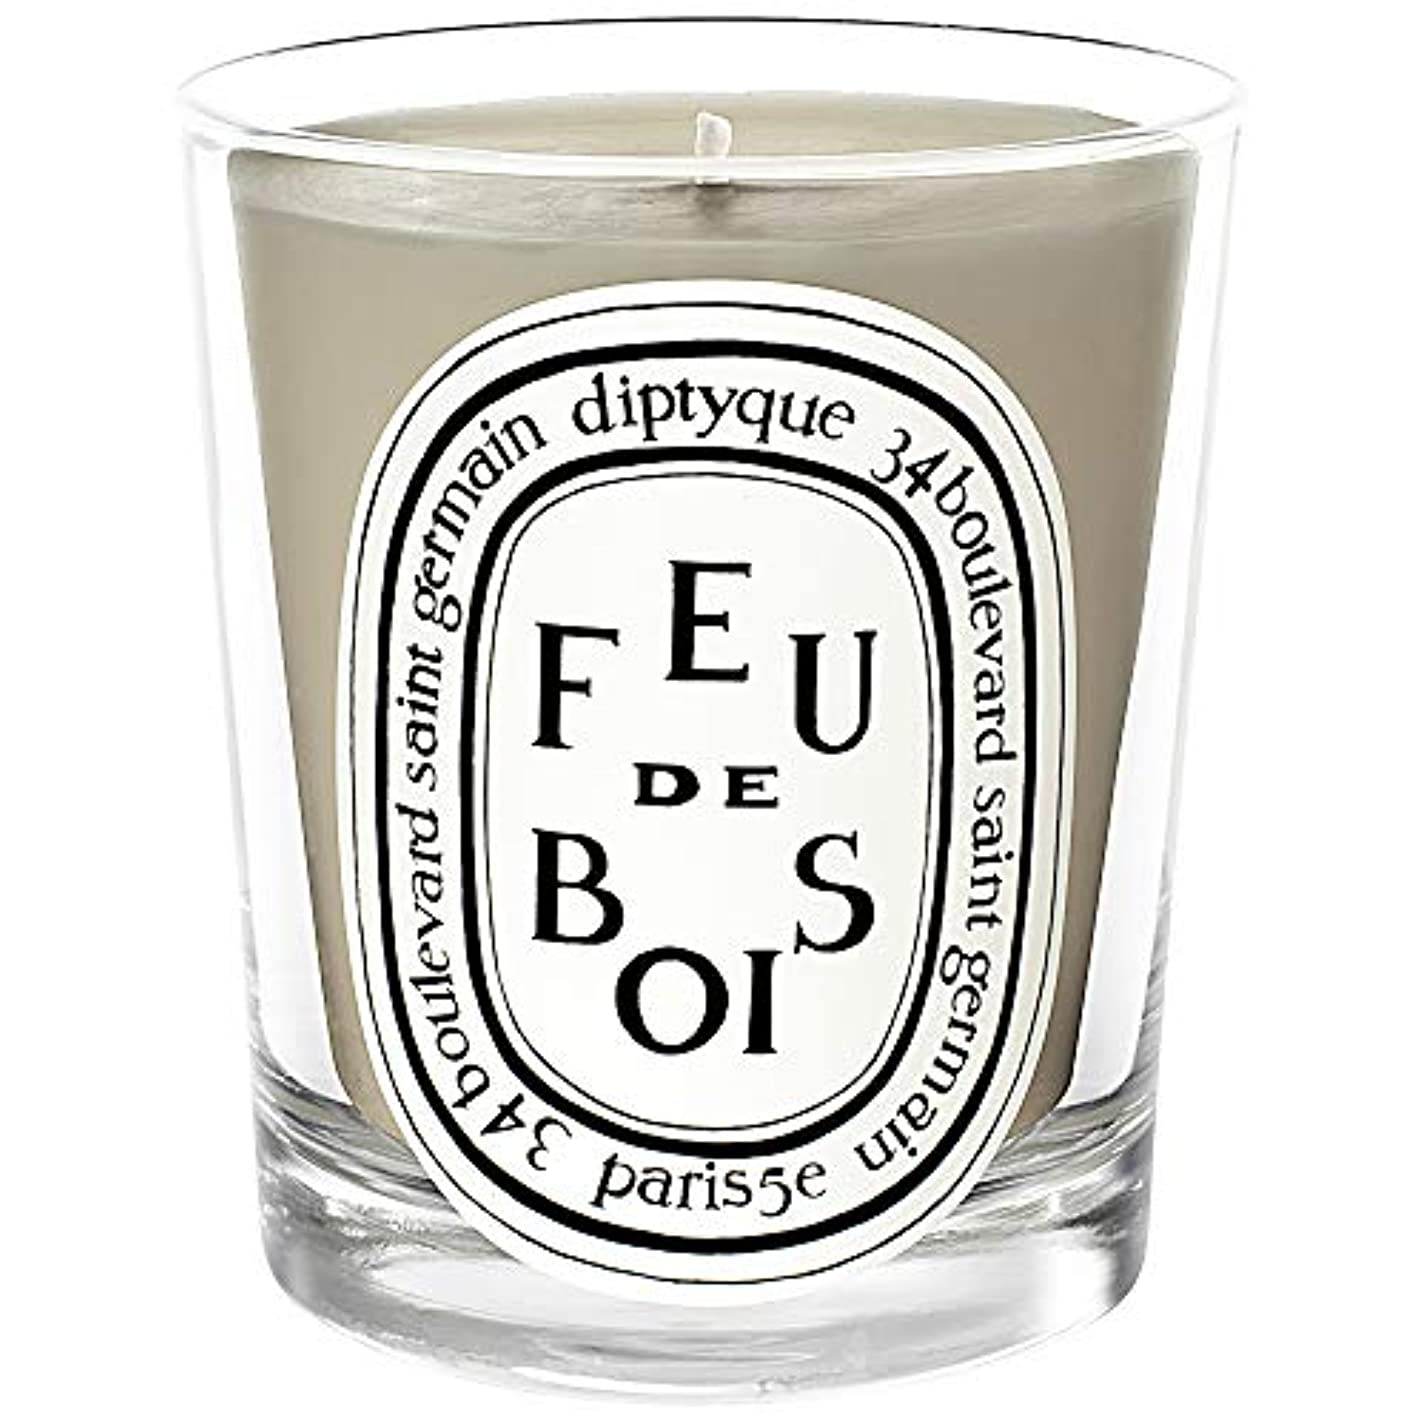 肯定的傾斜設計図[Diptyque] ミニキャンドル70グラムを香りDiptyqueのFeuデボワ - Diptyque Feu De Bois Scented Mini Candle 70g [並行輸入品]